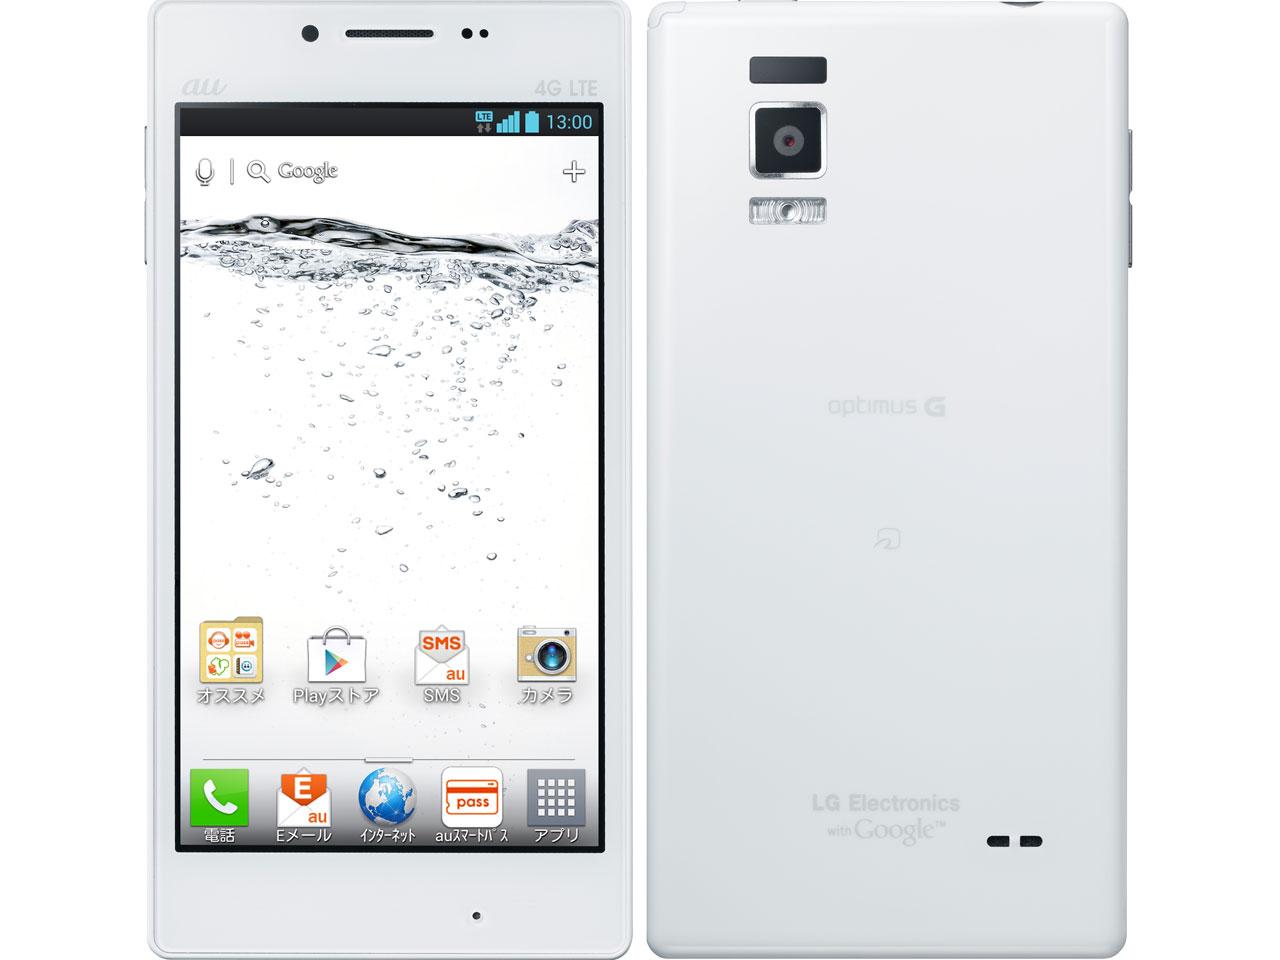 [中古 Cランク] au LG Optimus G LGL21 ホワイト 本体のみ【送料無料】【エコモ】